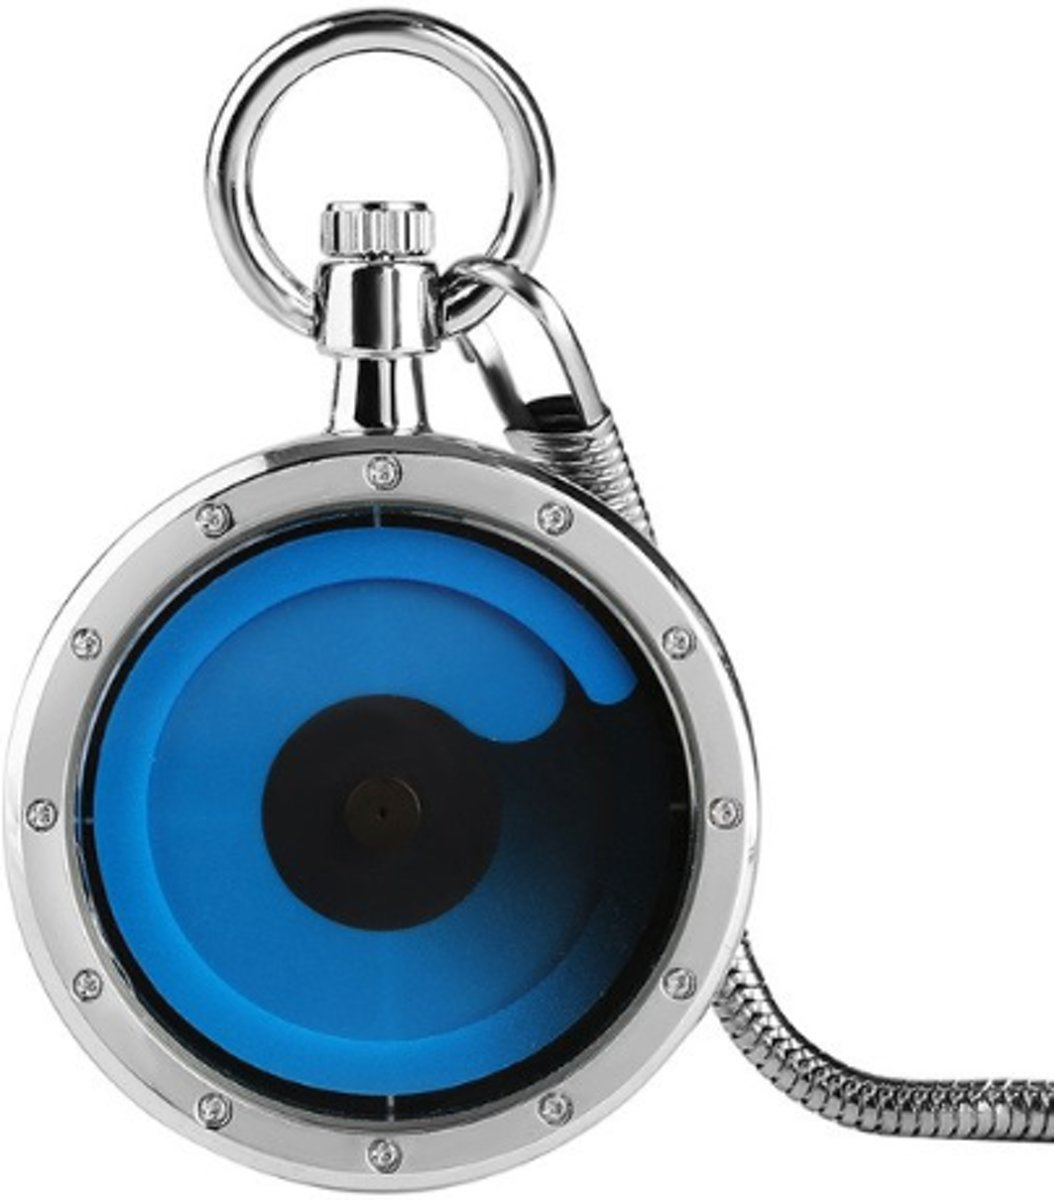 Zakhorloge Draaitafel met Snake Chain - Blauw/Zilver kopen